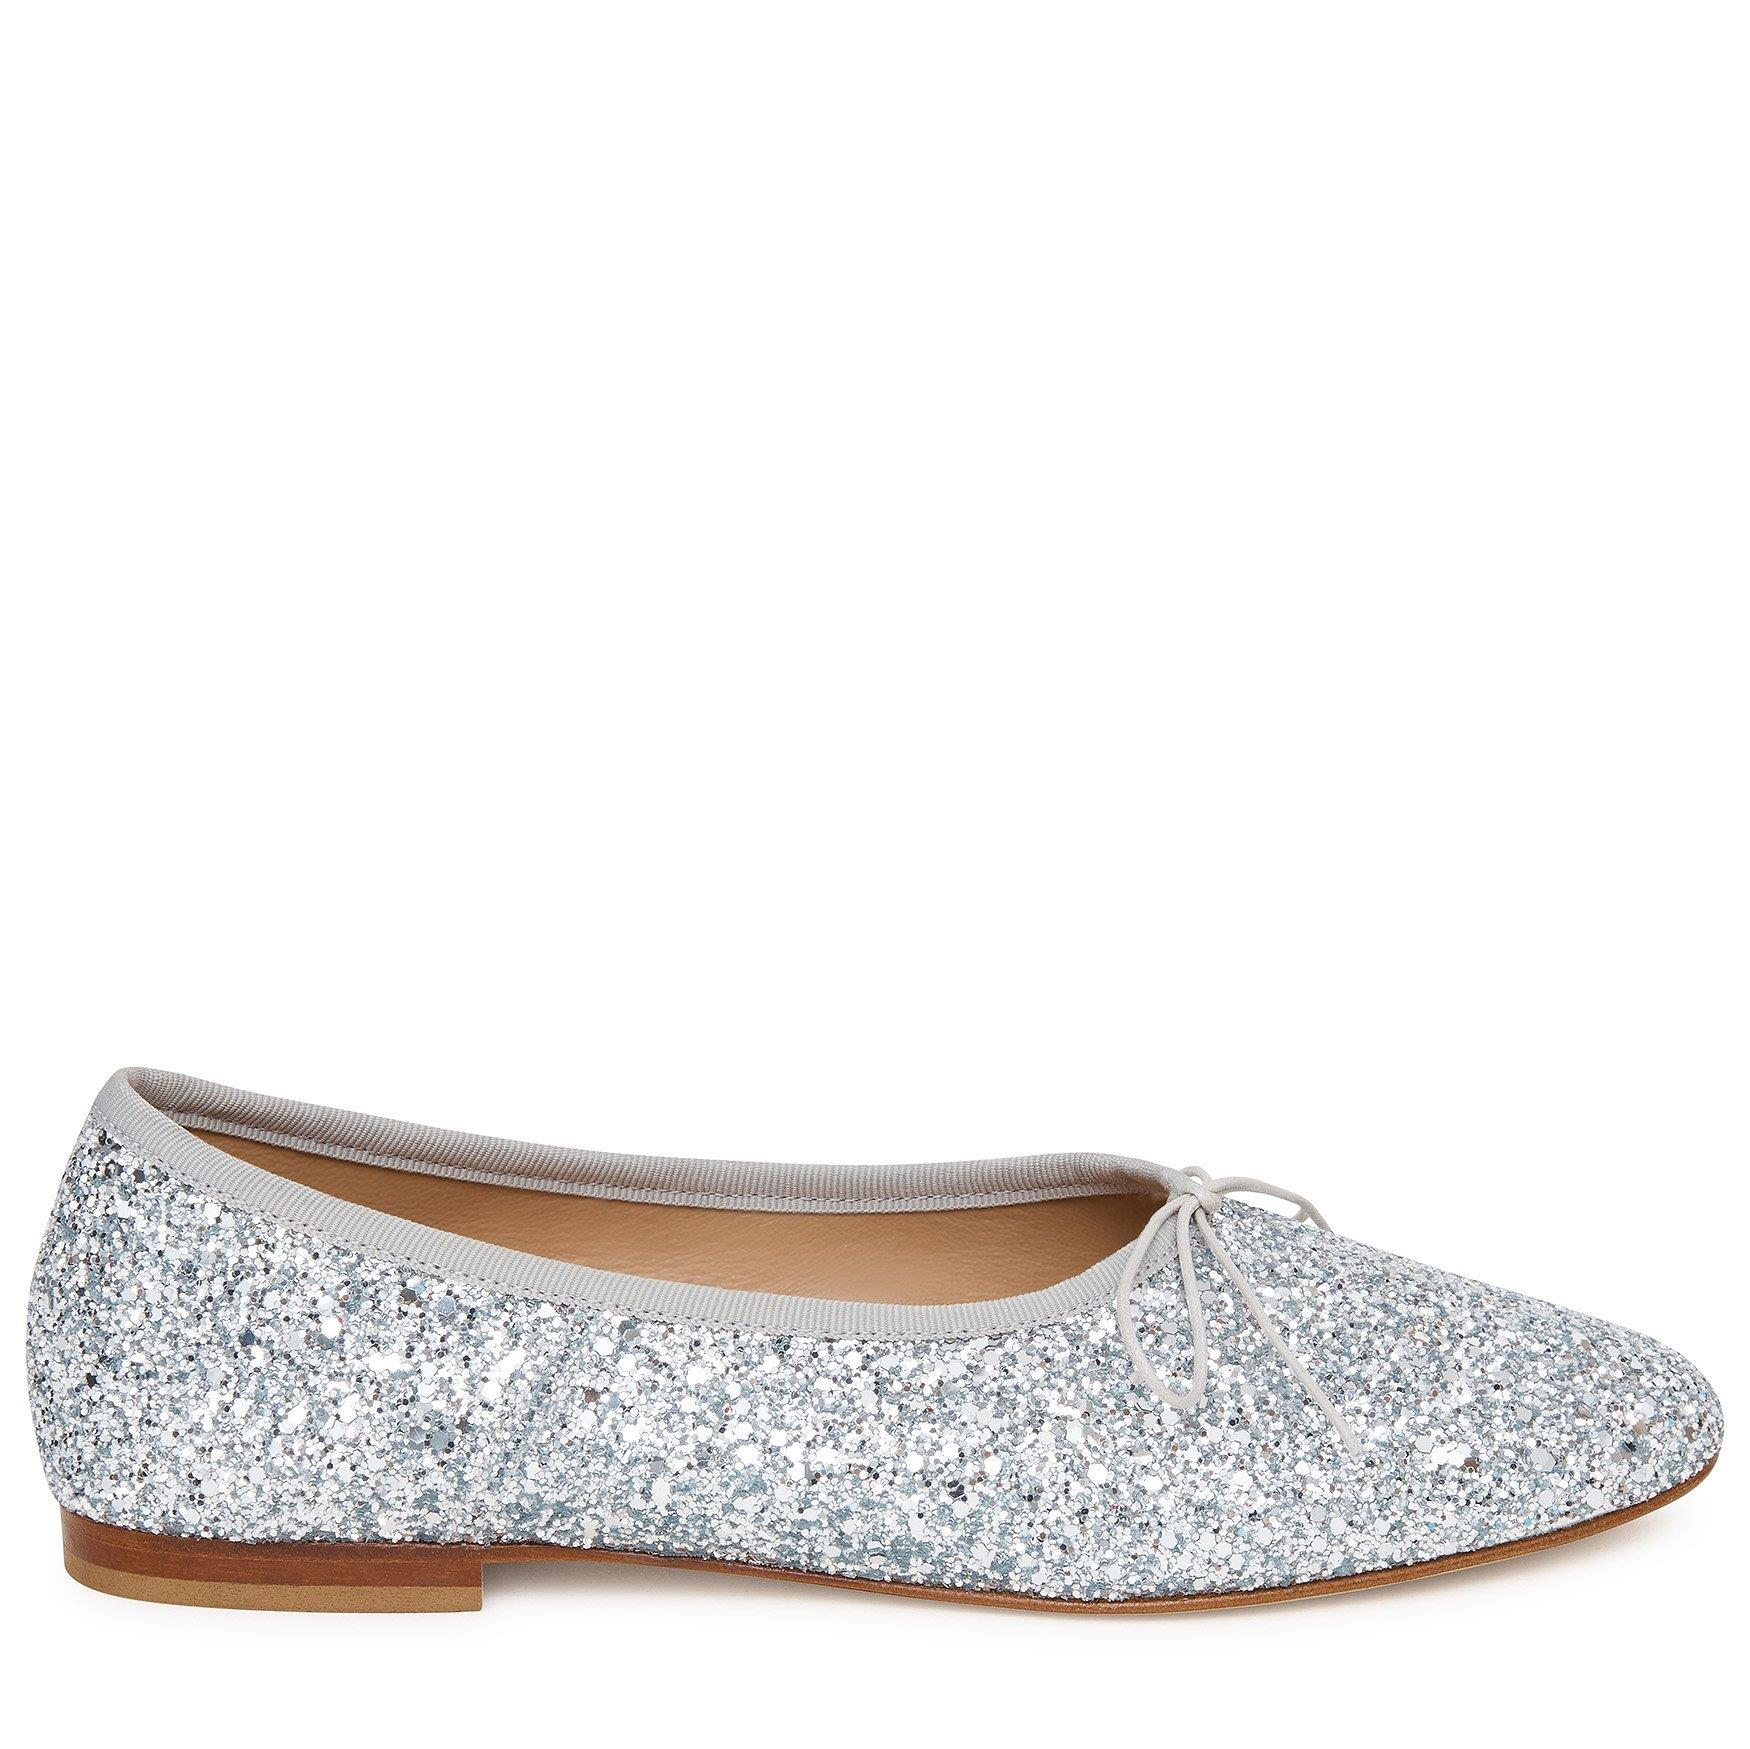 Glitter Dream Ballerina - Silver